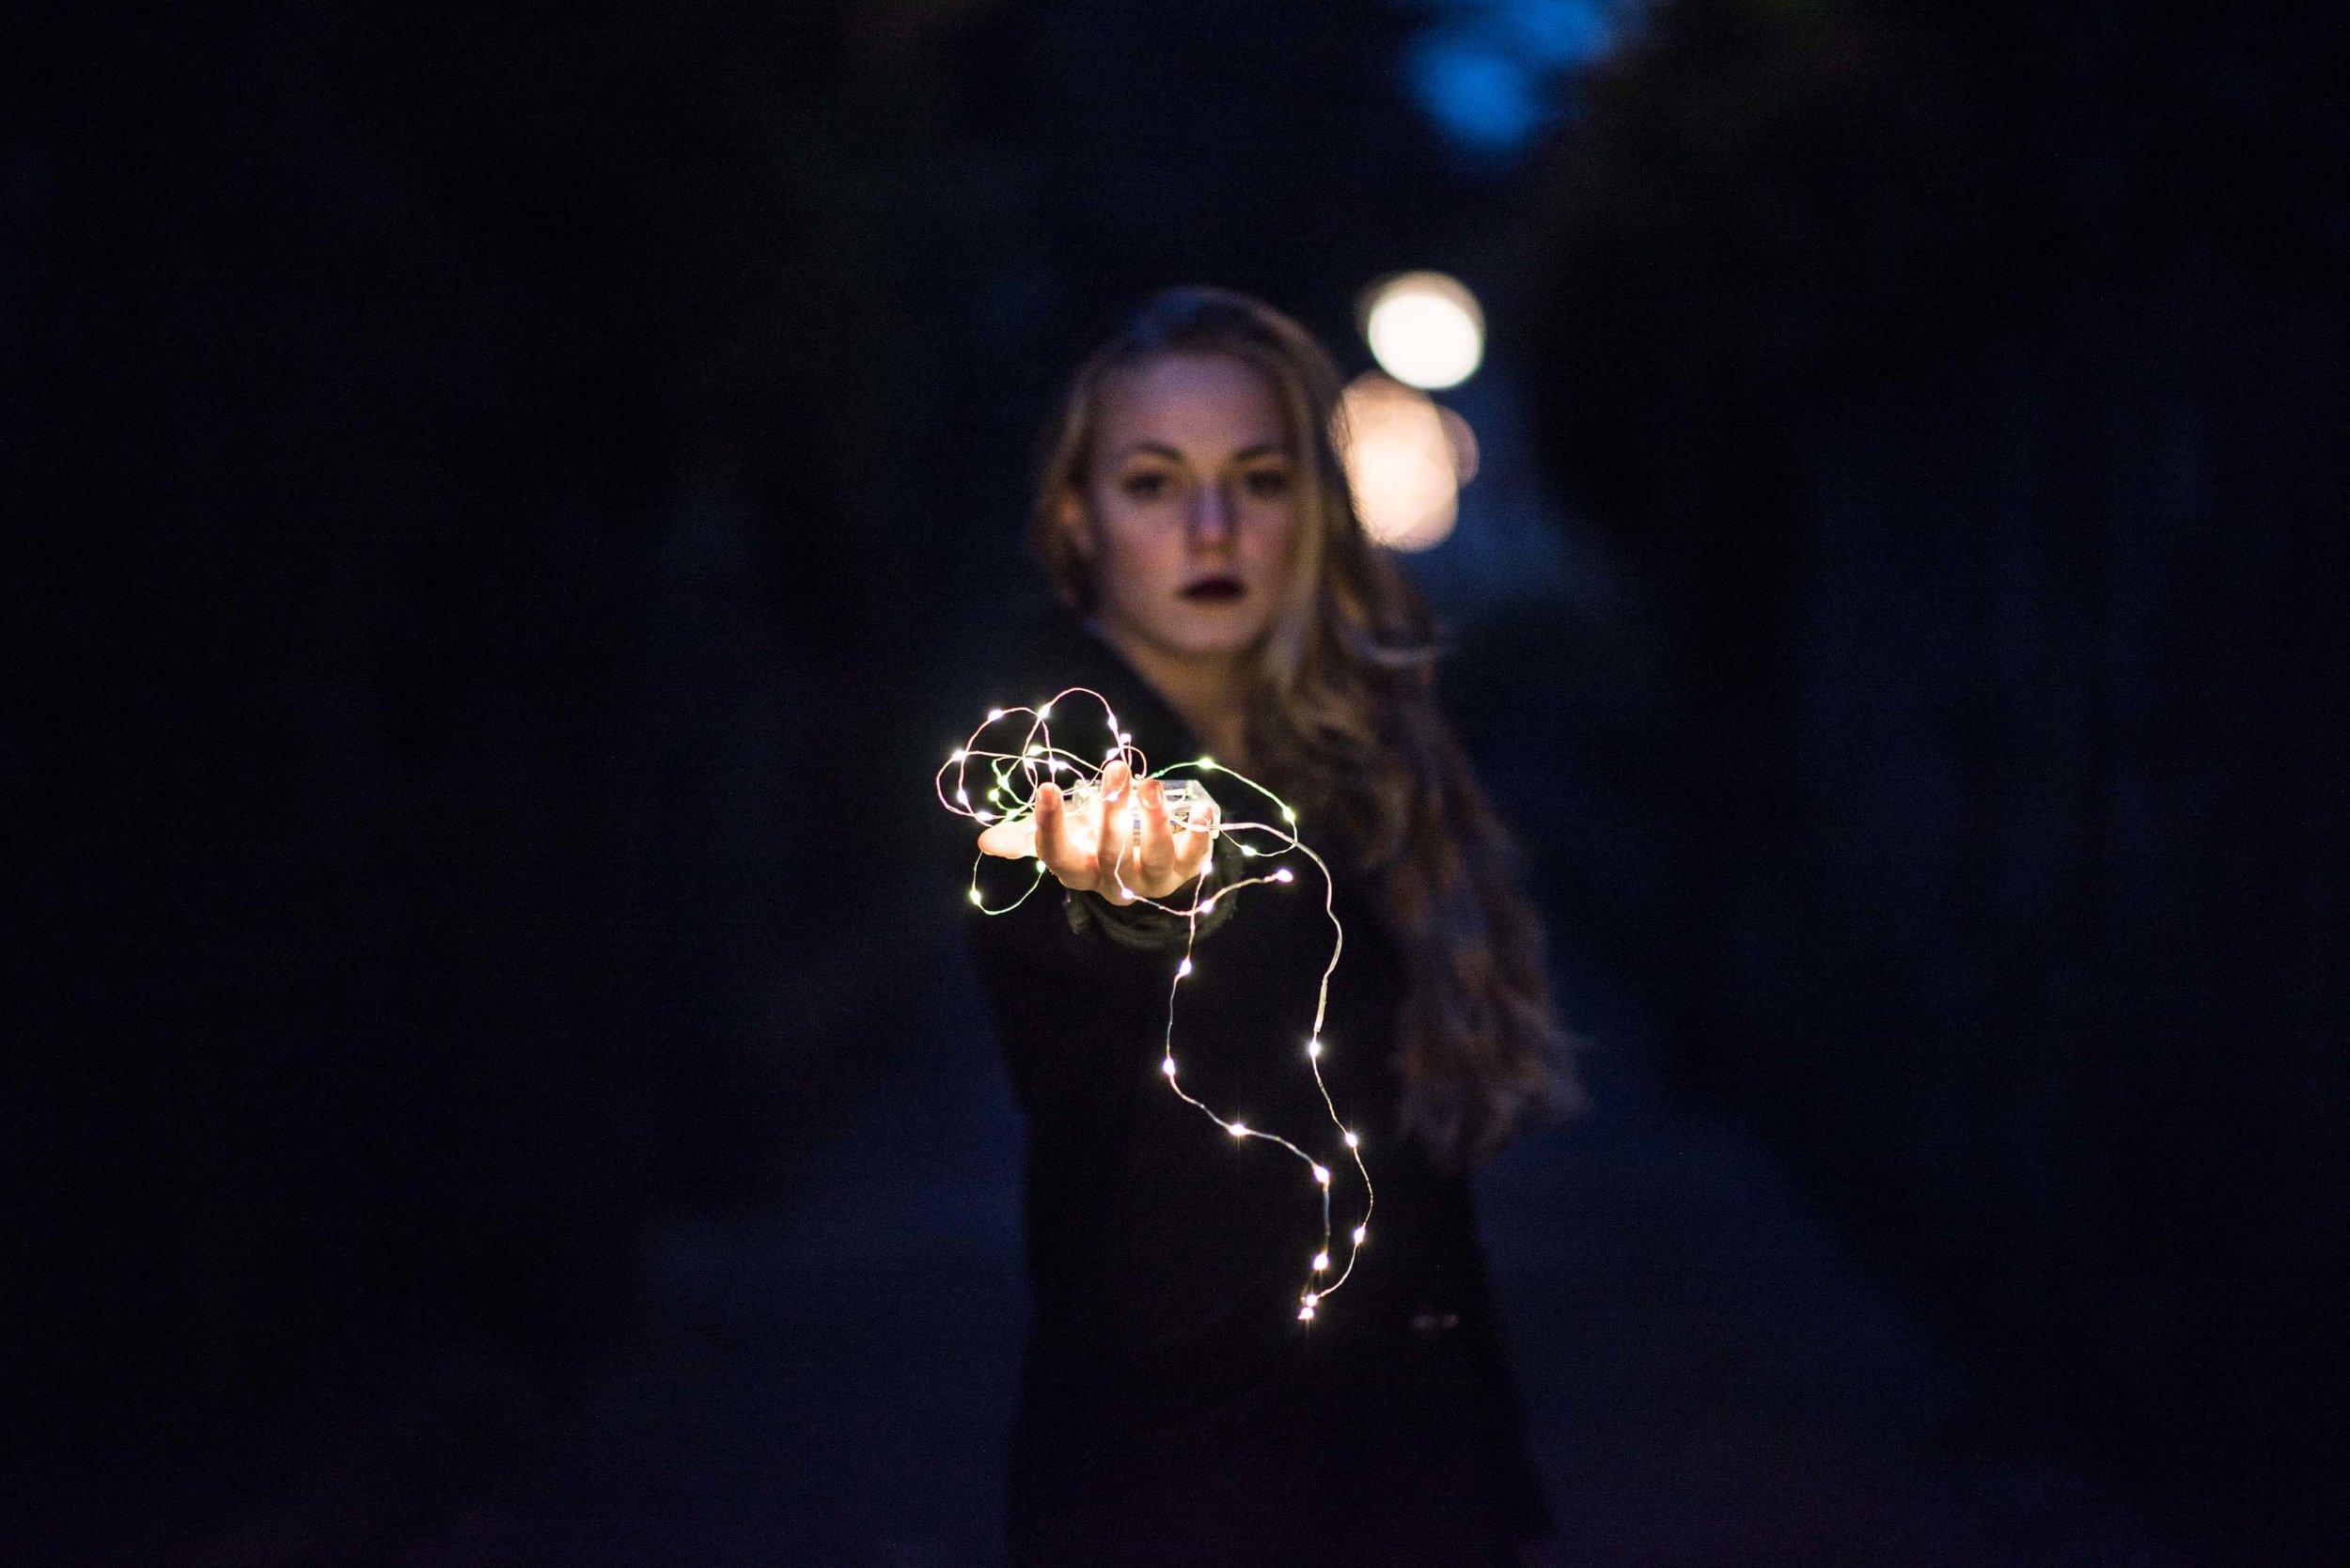 little_lights_ann_ziegler_photography06.jpg